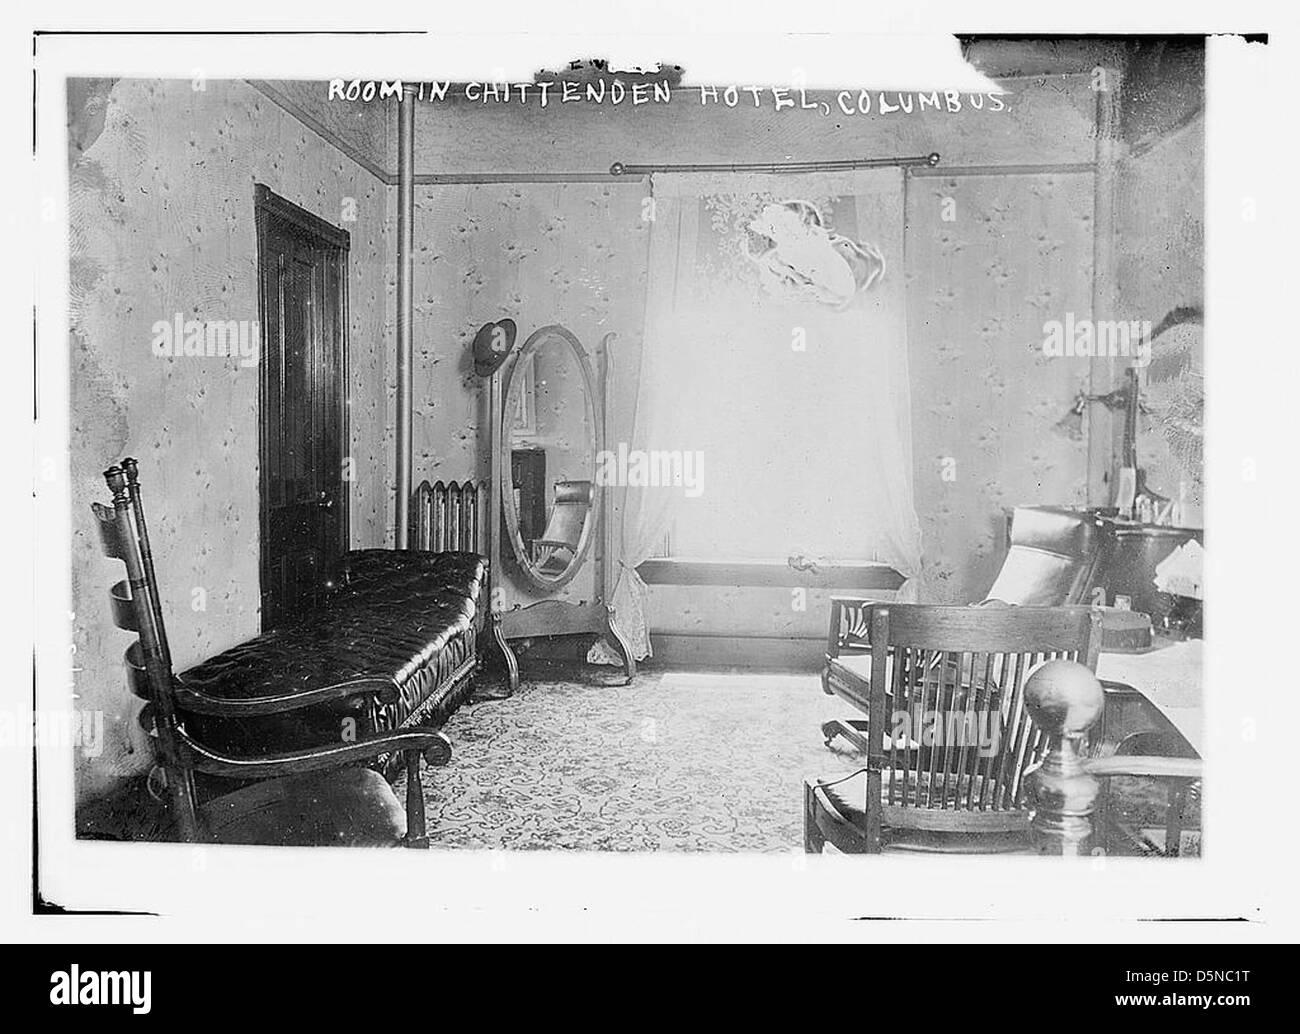 Habitación en Chittenden Hotel Columbus (LOC) Imagen De Stock